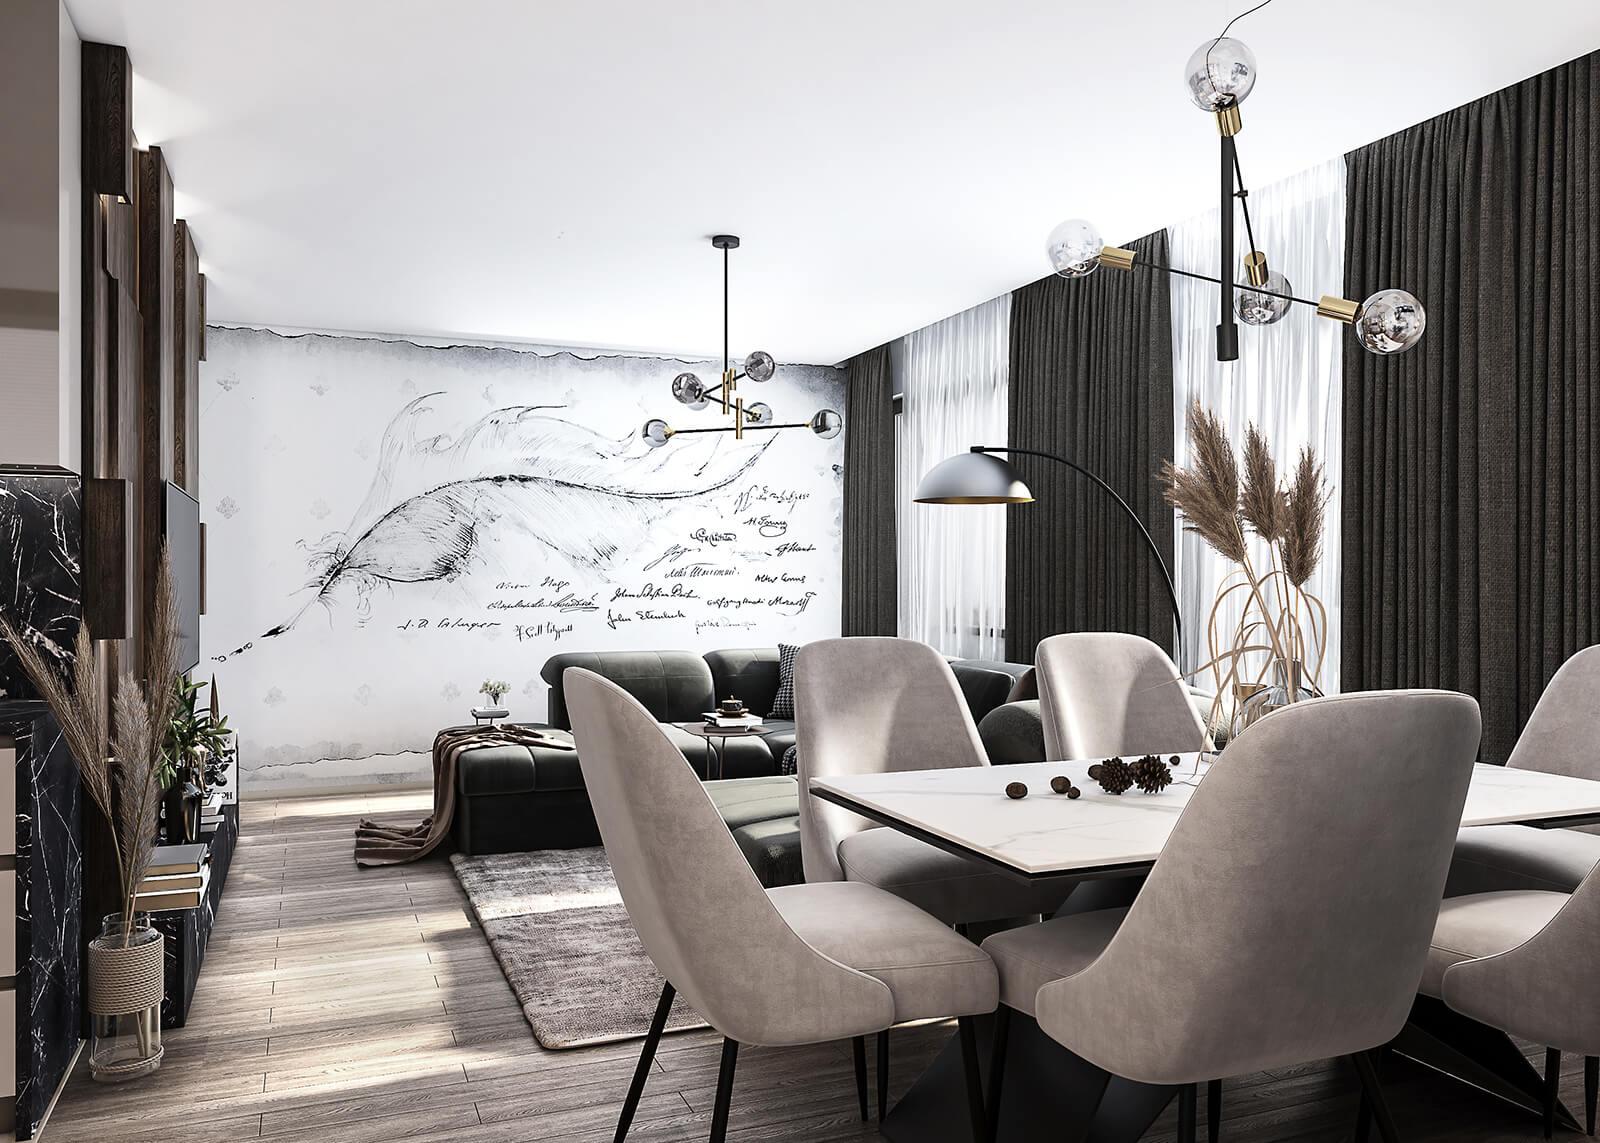 interioren-dizain-proekt-na-dneven-trakt-po-poruchka